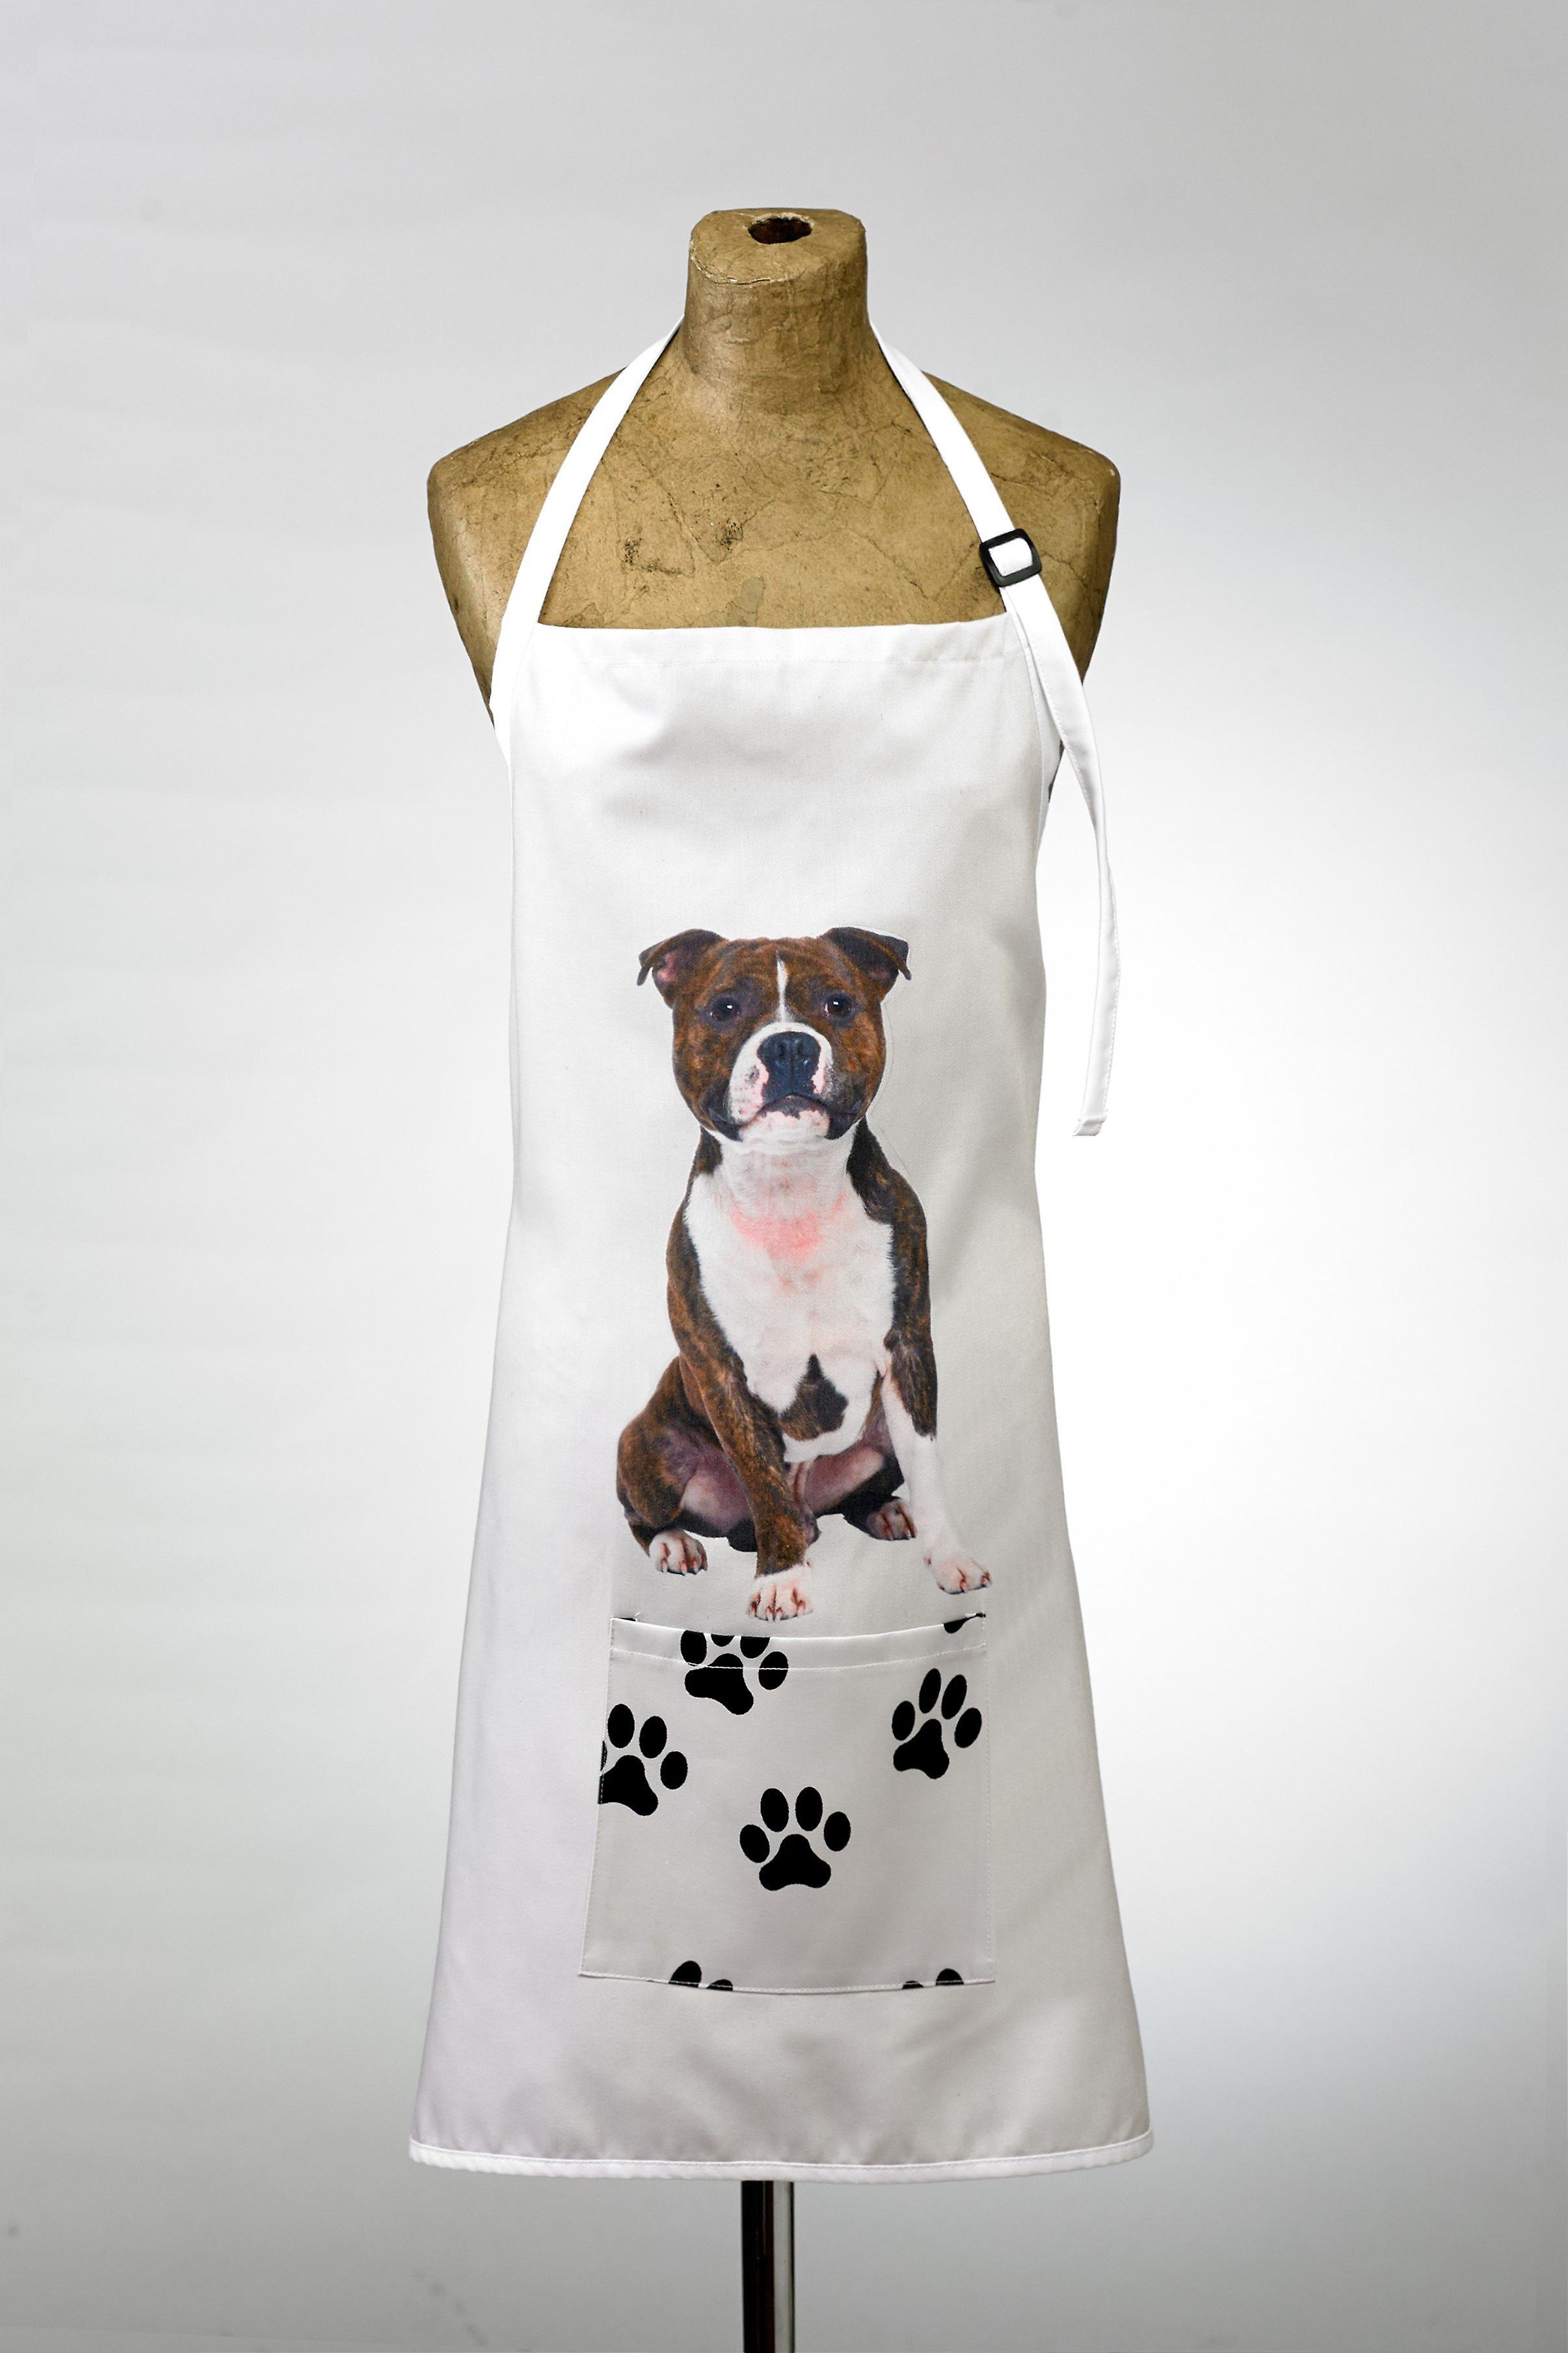 Adorable staffie design apron